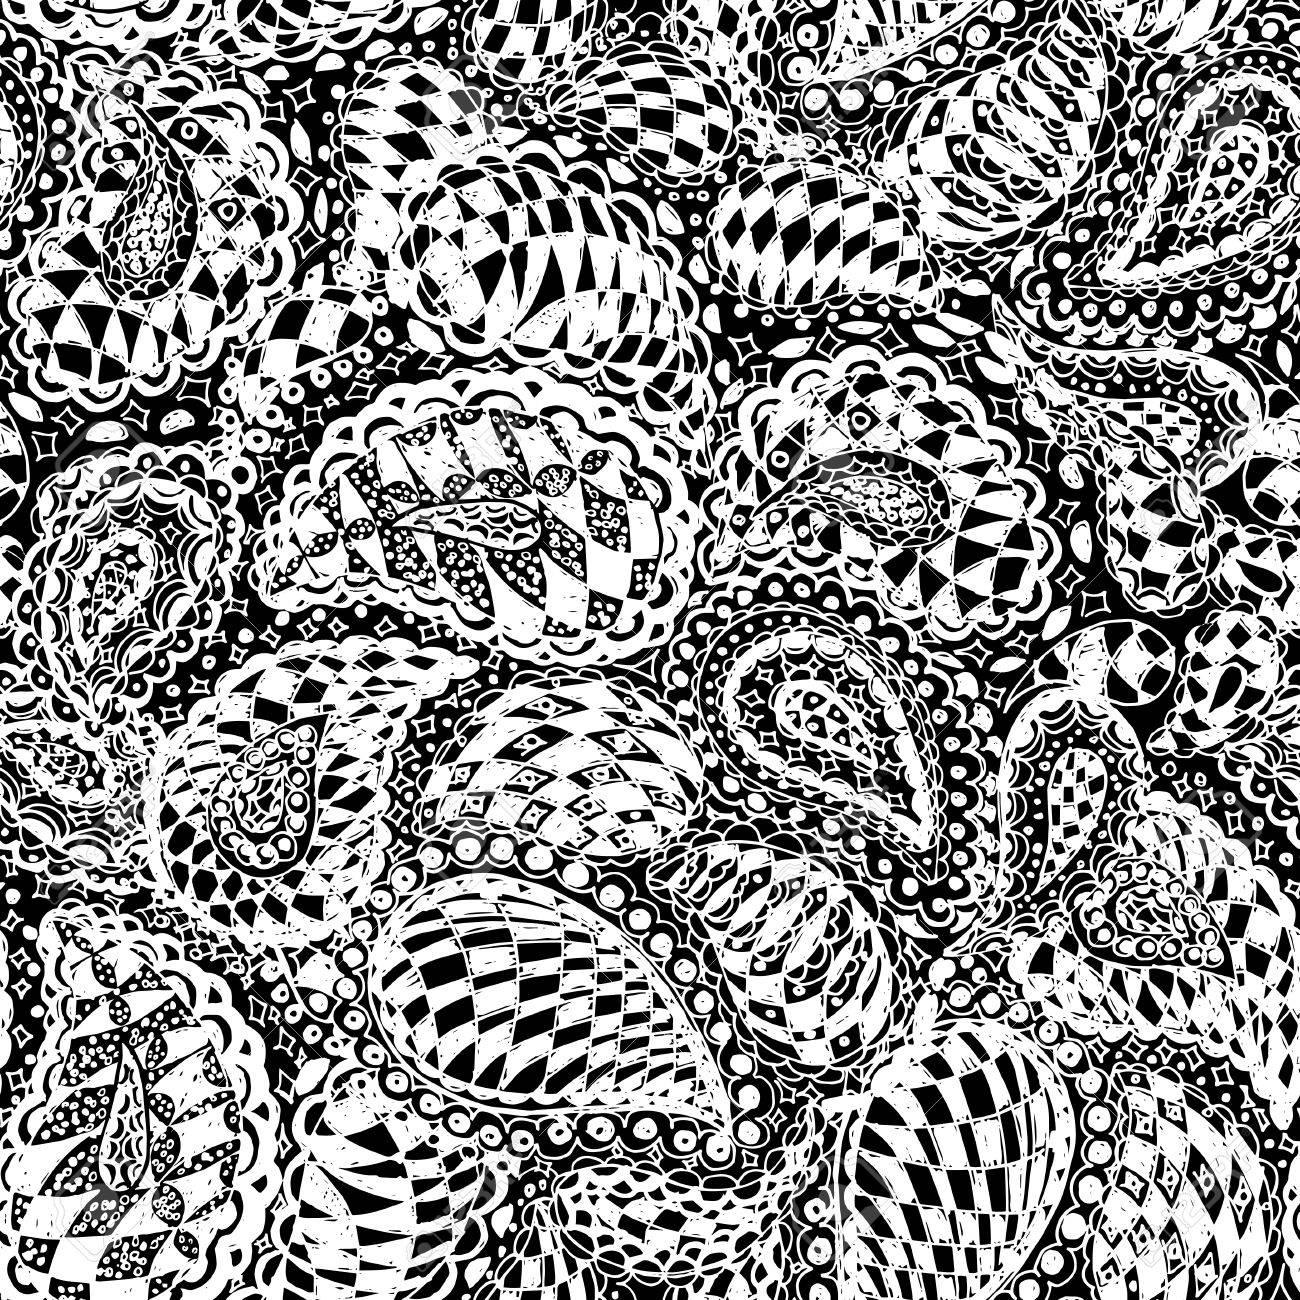 シームレスな壁紙パターンの幾何学的な落書き ペイズリーの装飾品や